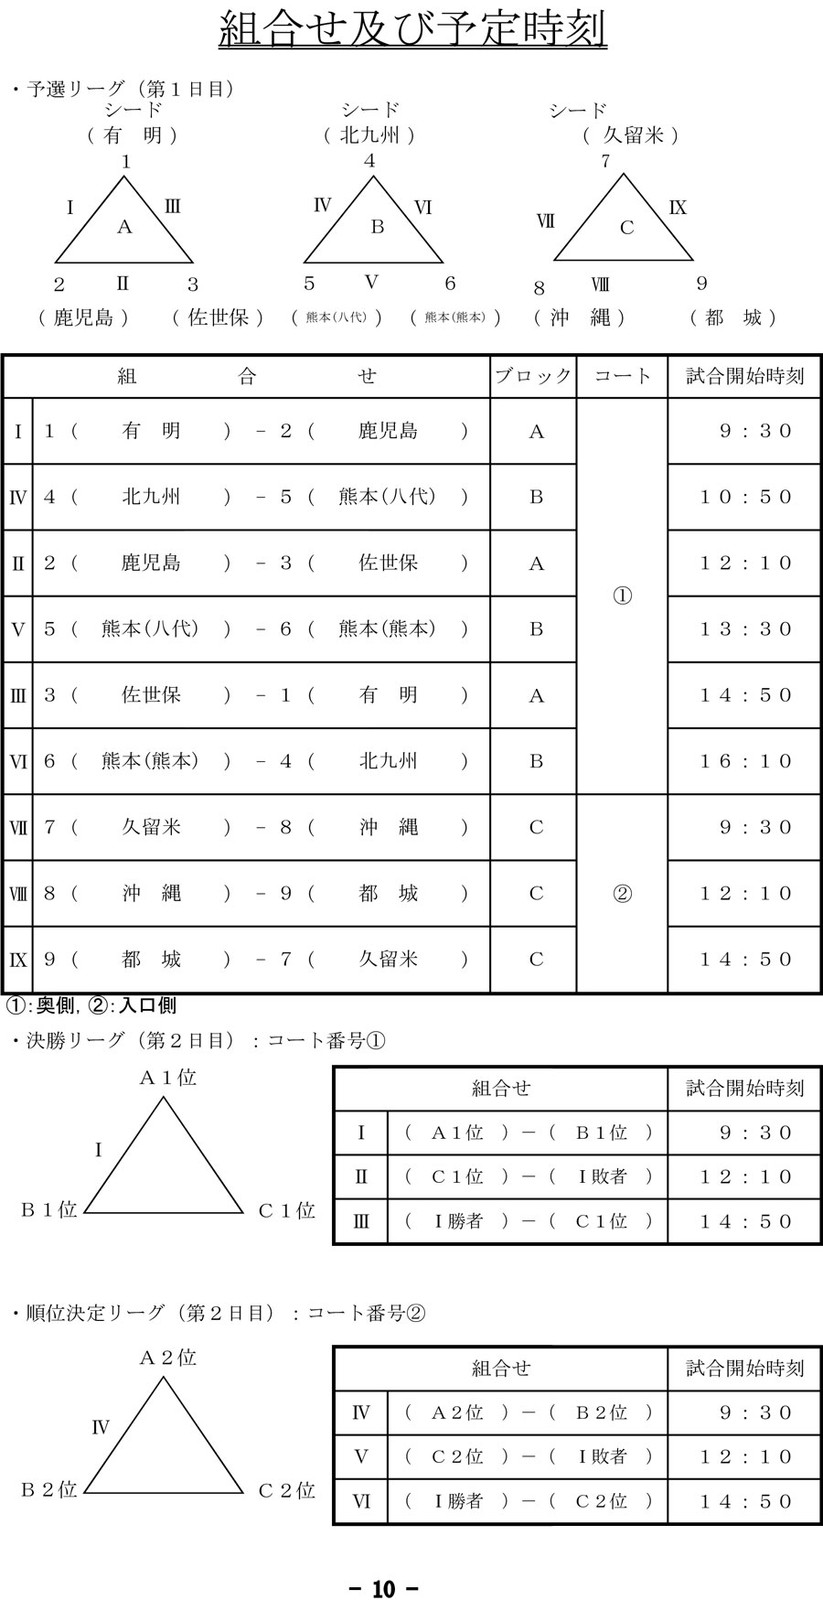 2015kouse_kyusyukousen_kimiawase_2